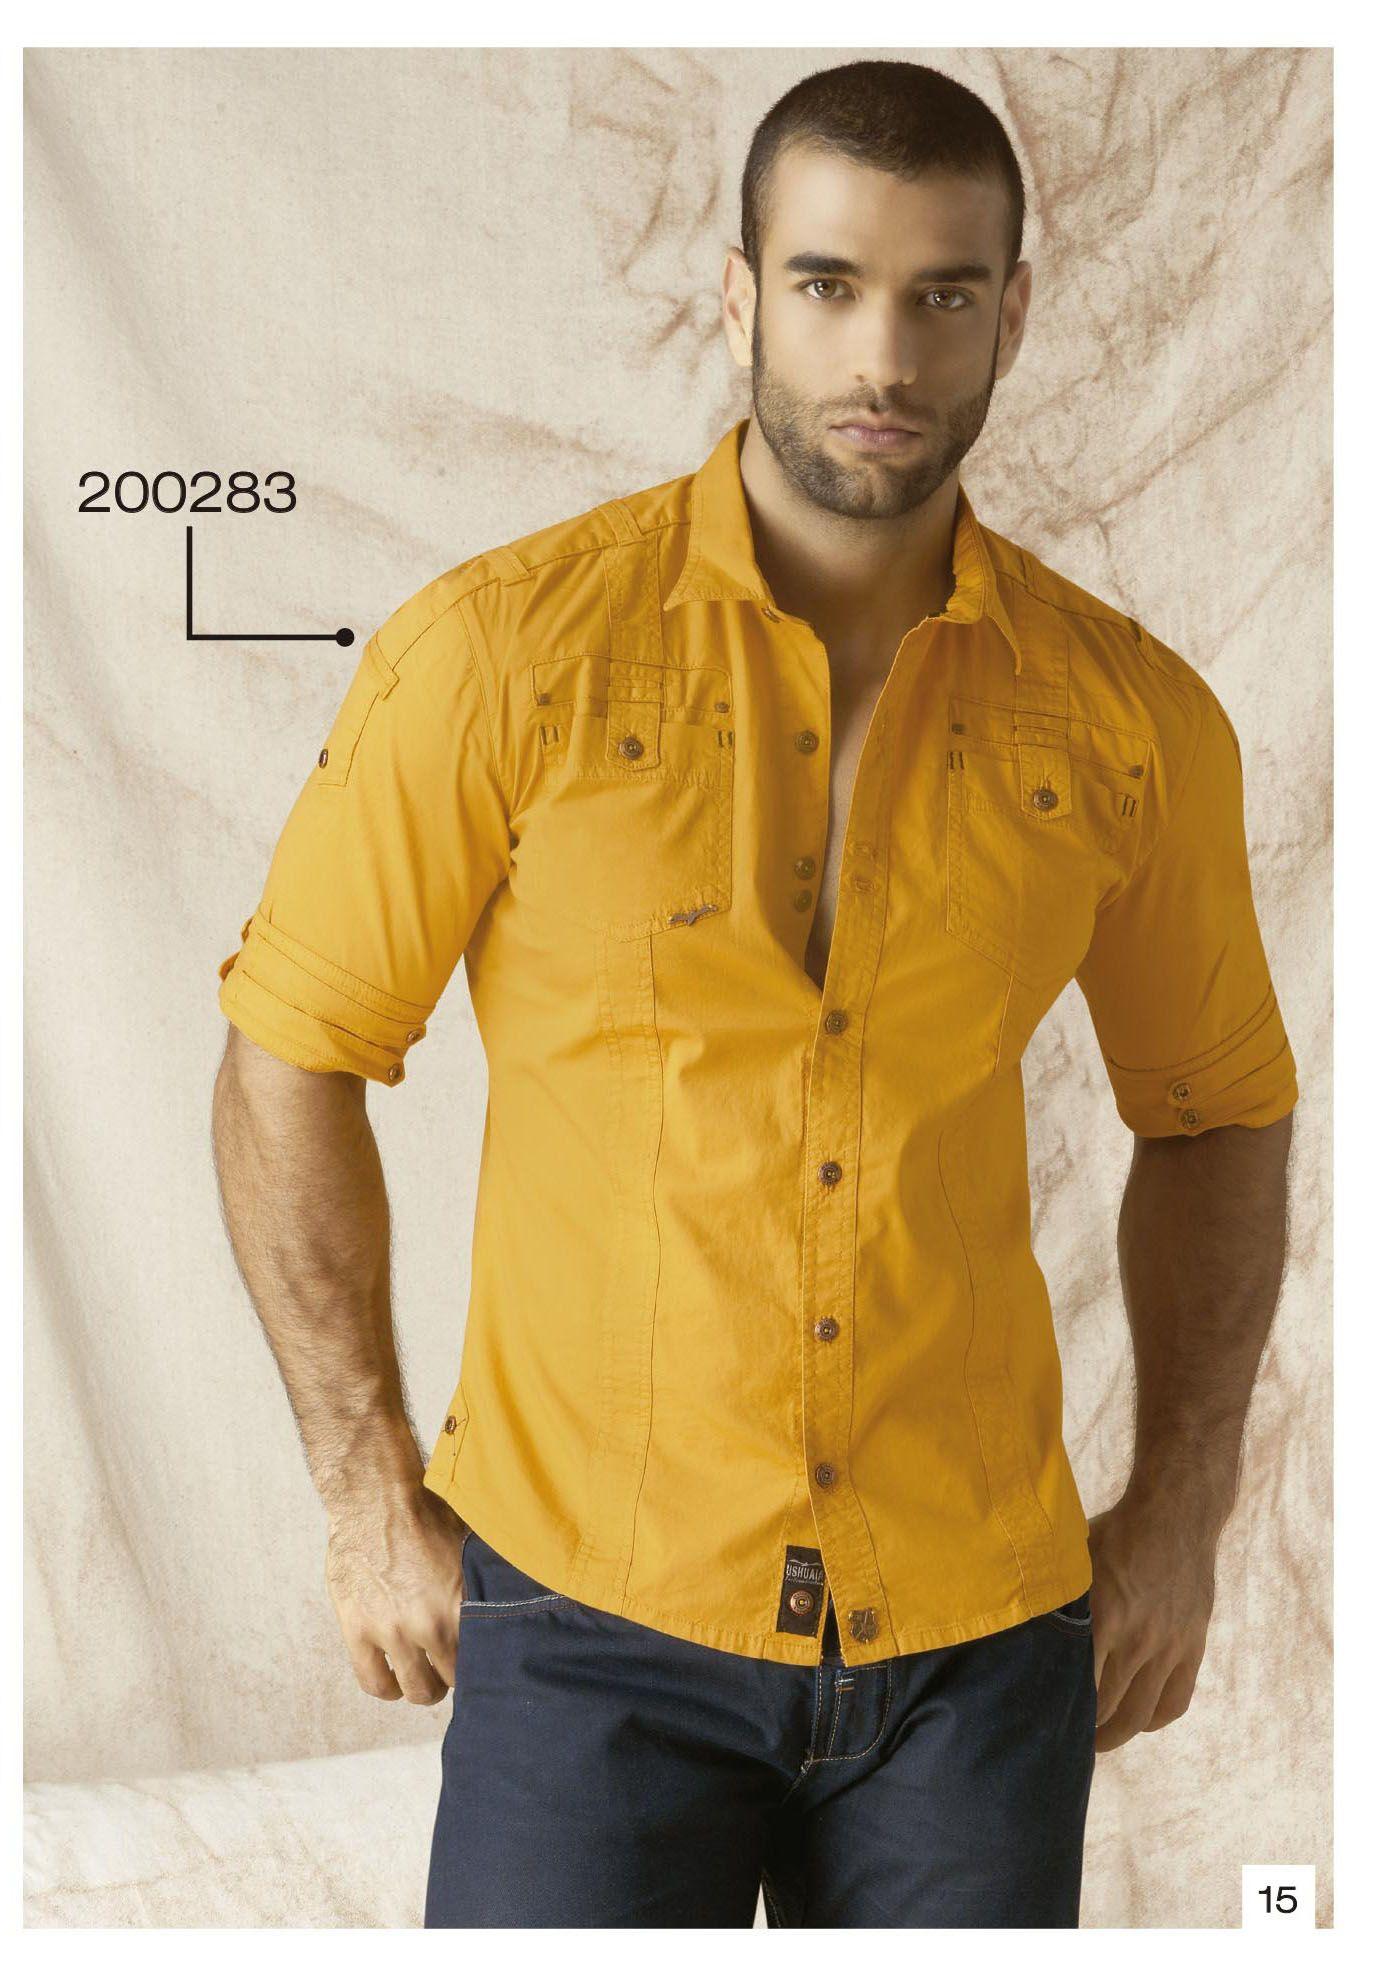 Manga Camisa AmarilloRopa Para Tres Color Hombre Cuartos SMqzpGUV